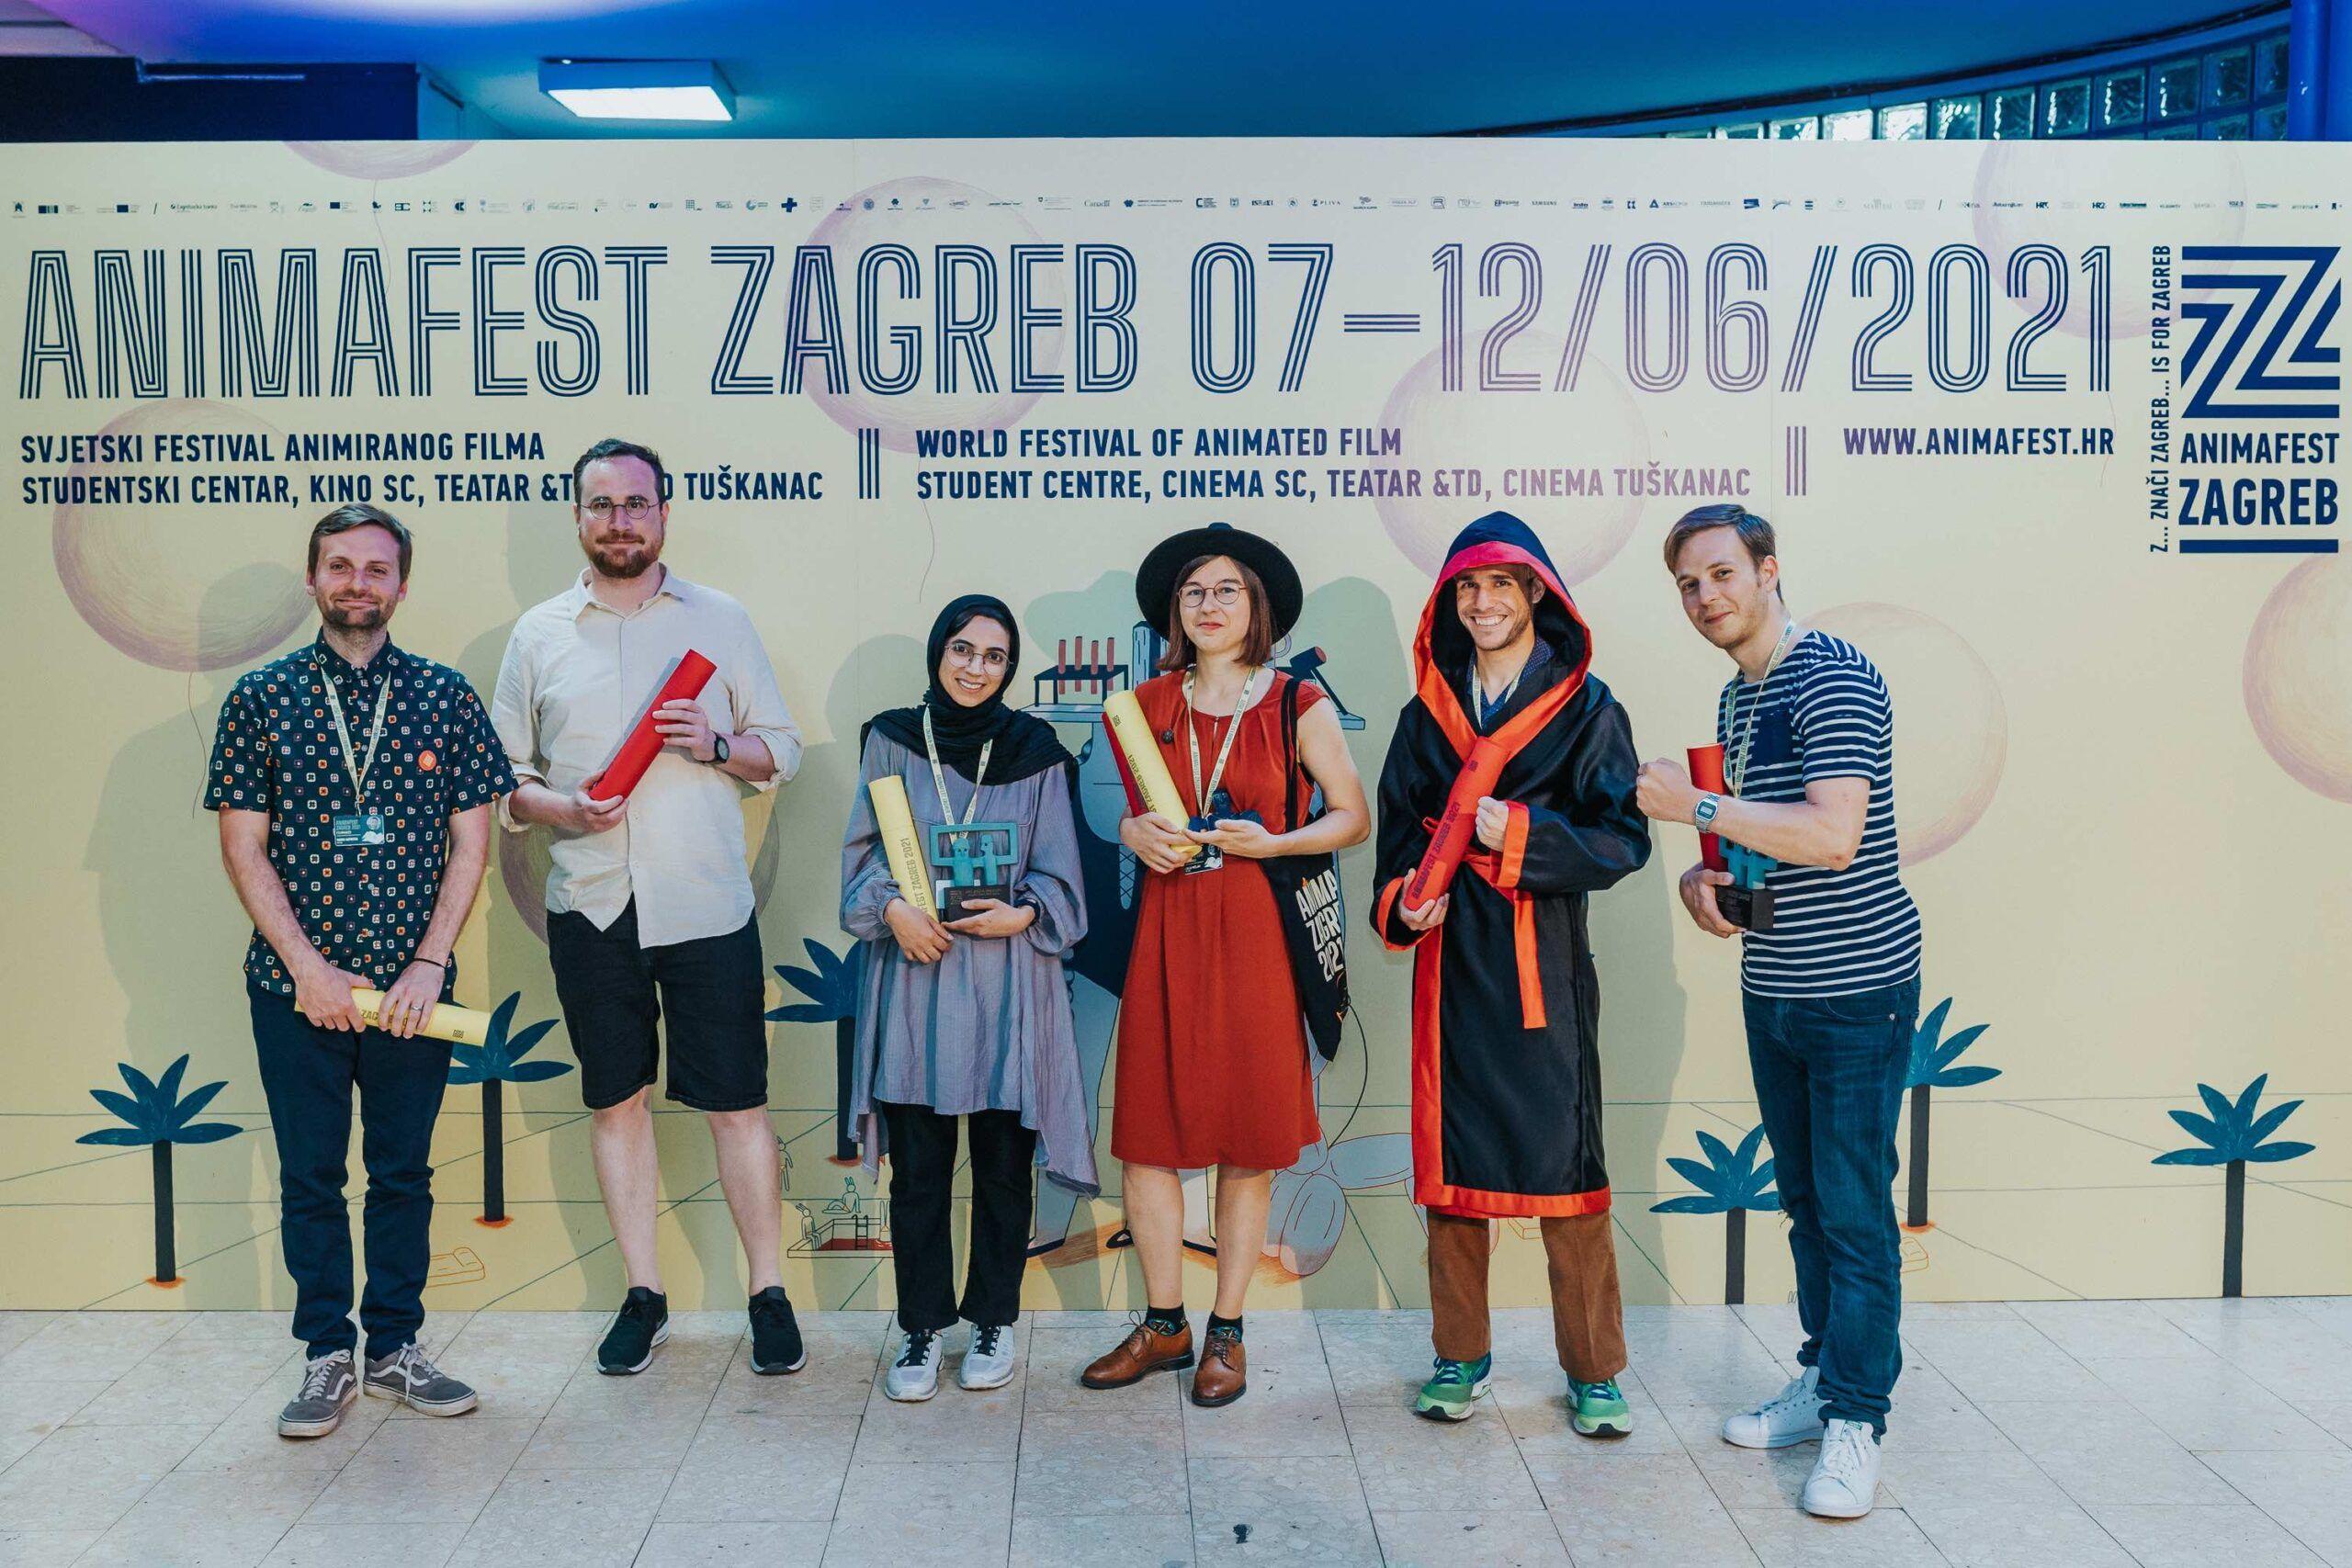 Pobjednici 31. Svjetskog festivala animiranog filma – Animafest Zagreb